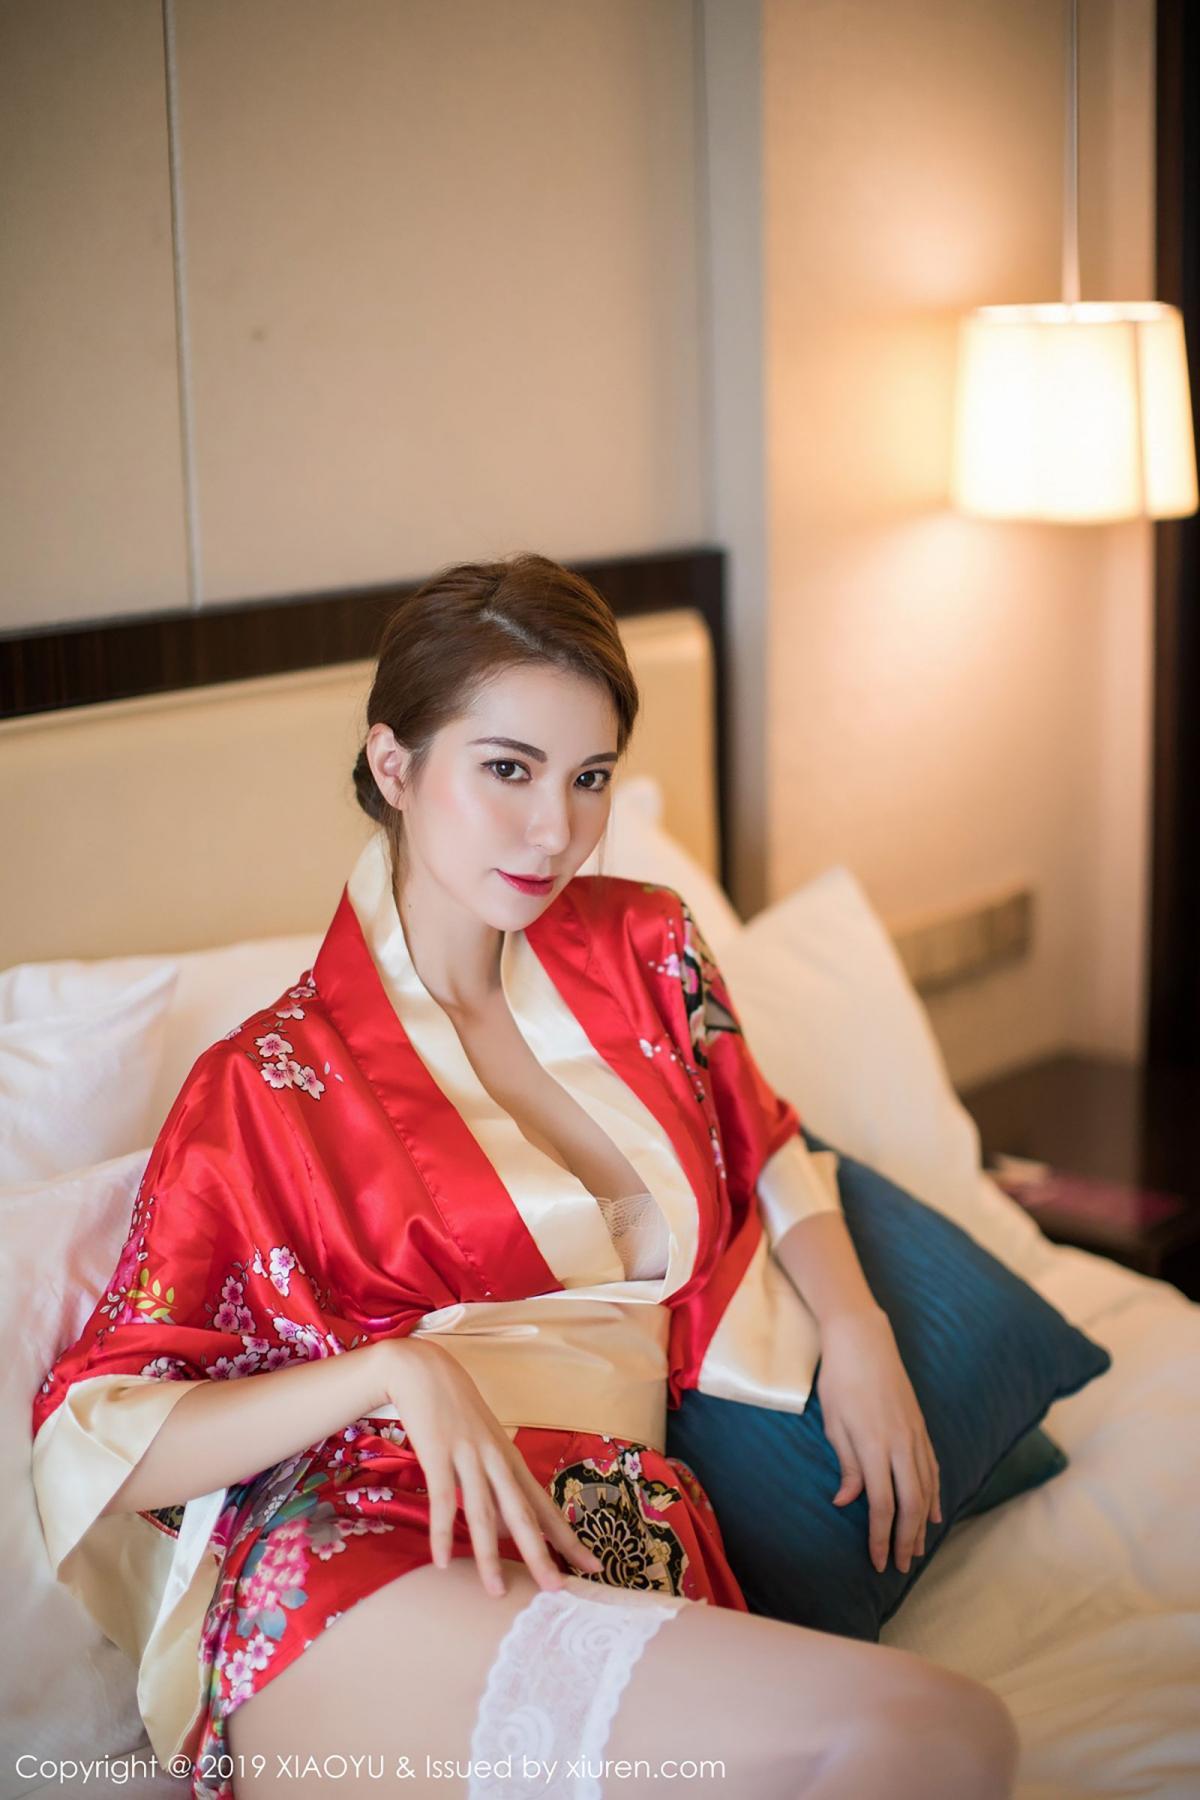 [XiaoYu] Vol.014 Chen Liang Ling 20P, Chen Liang Ling, Kimono, Tall, XiaoYu